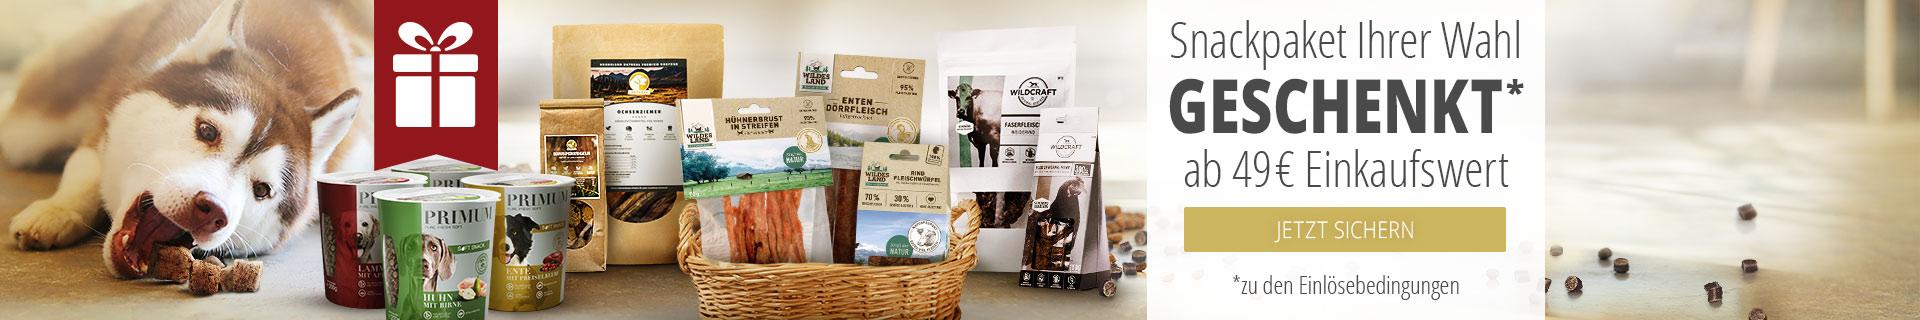 Snackpaket für Hunde geschenkt ab 49€ Mindesteinkaufswert